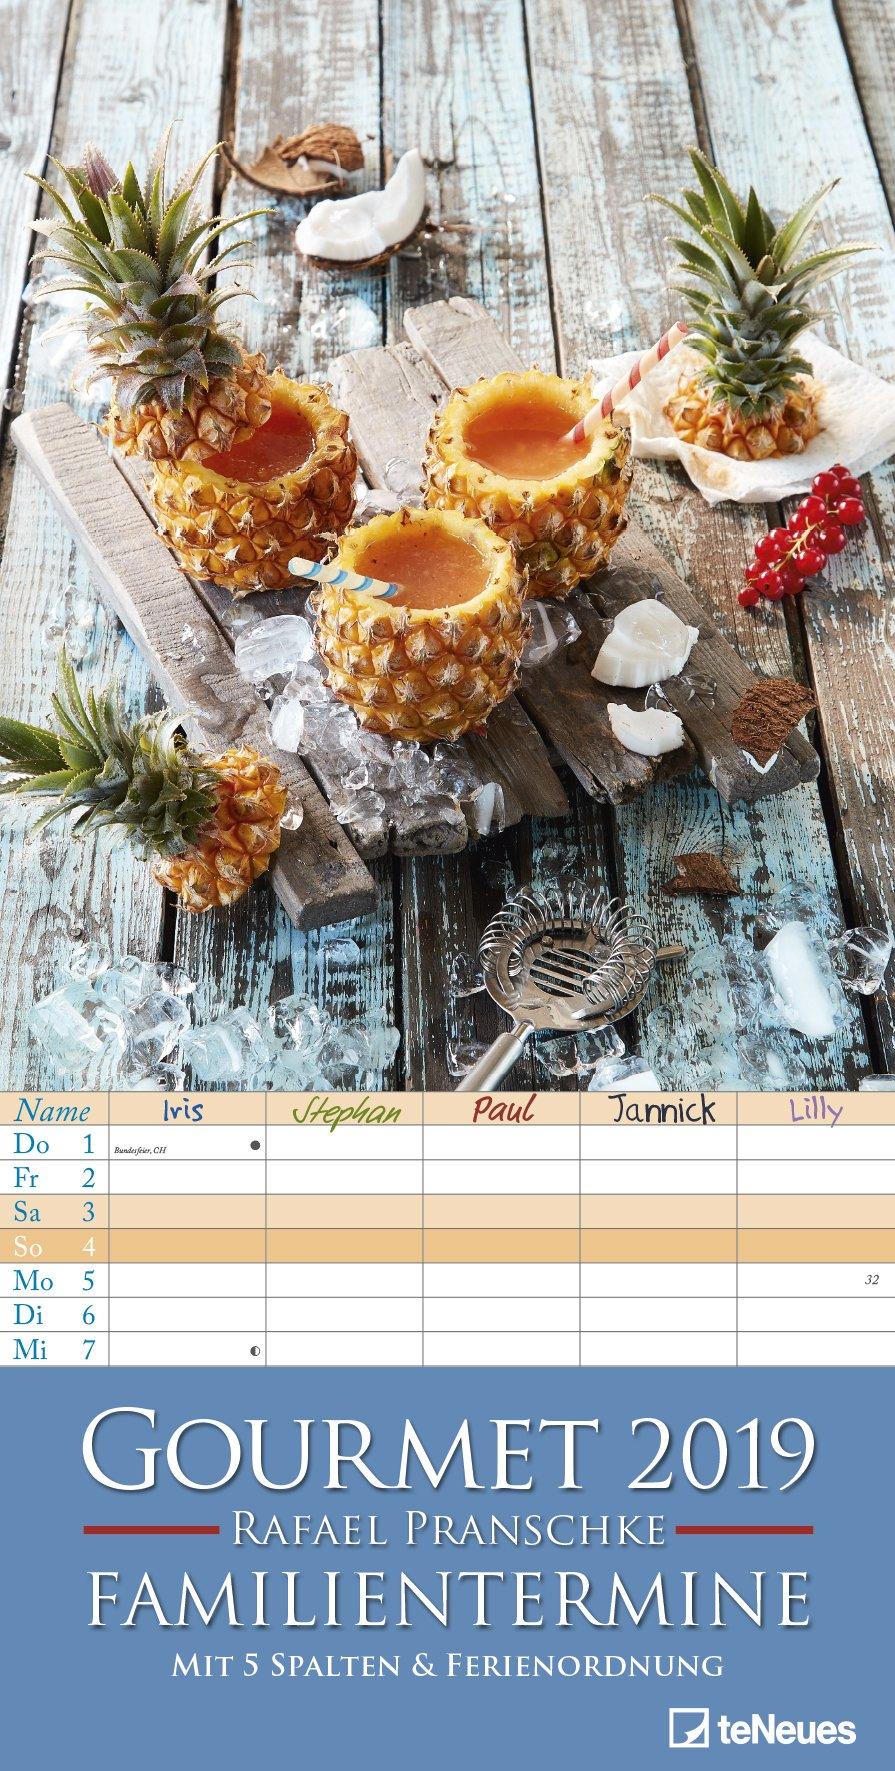 Gourmet Familientermine 2019 - Familienplaner mit 5 Spalten, Küchenkalender - 23 x 45,5 cm Kalender – Terminkalender, 15. Juli 2018 B077ZCWFG5 Essen und Trinken / Sonstiges Kalender / Kochen Kalender / Zeitplansysteme